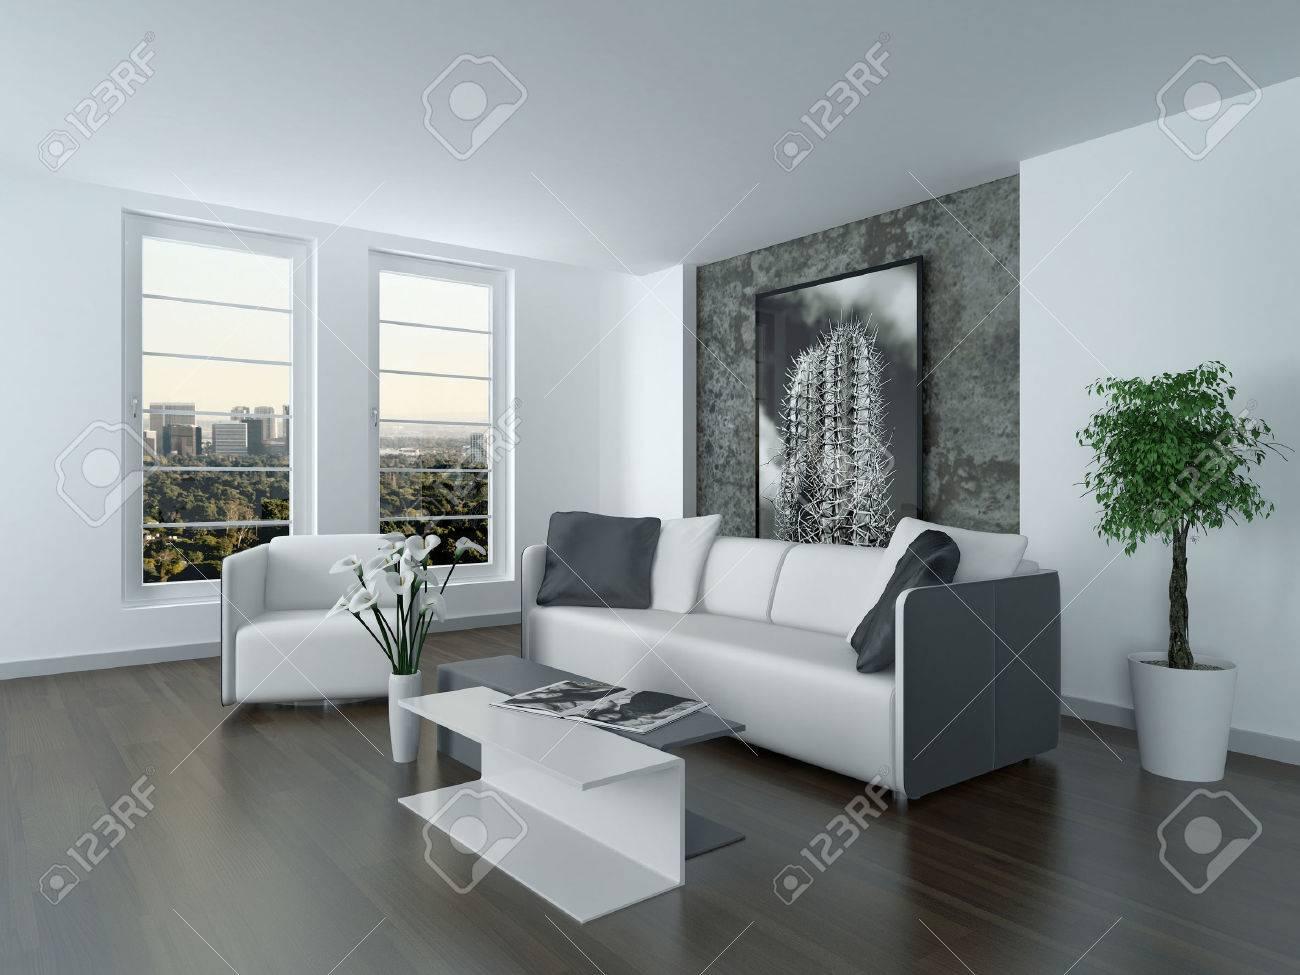 Moderne Grau Und Weiß Wohnzimmer Interieur Mit Einem Gemütlichen ...